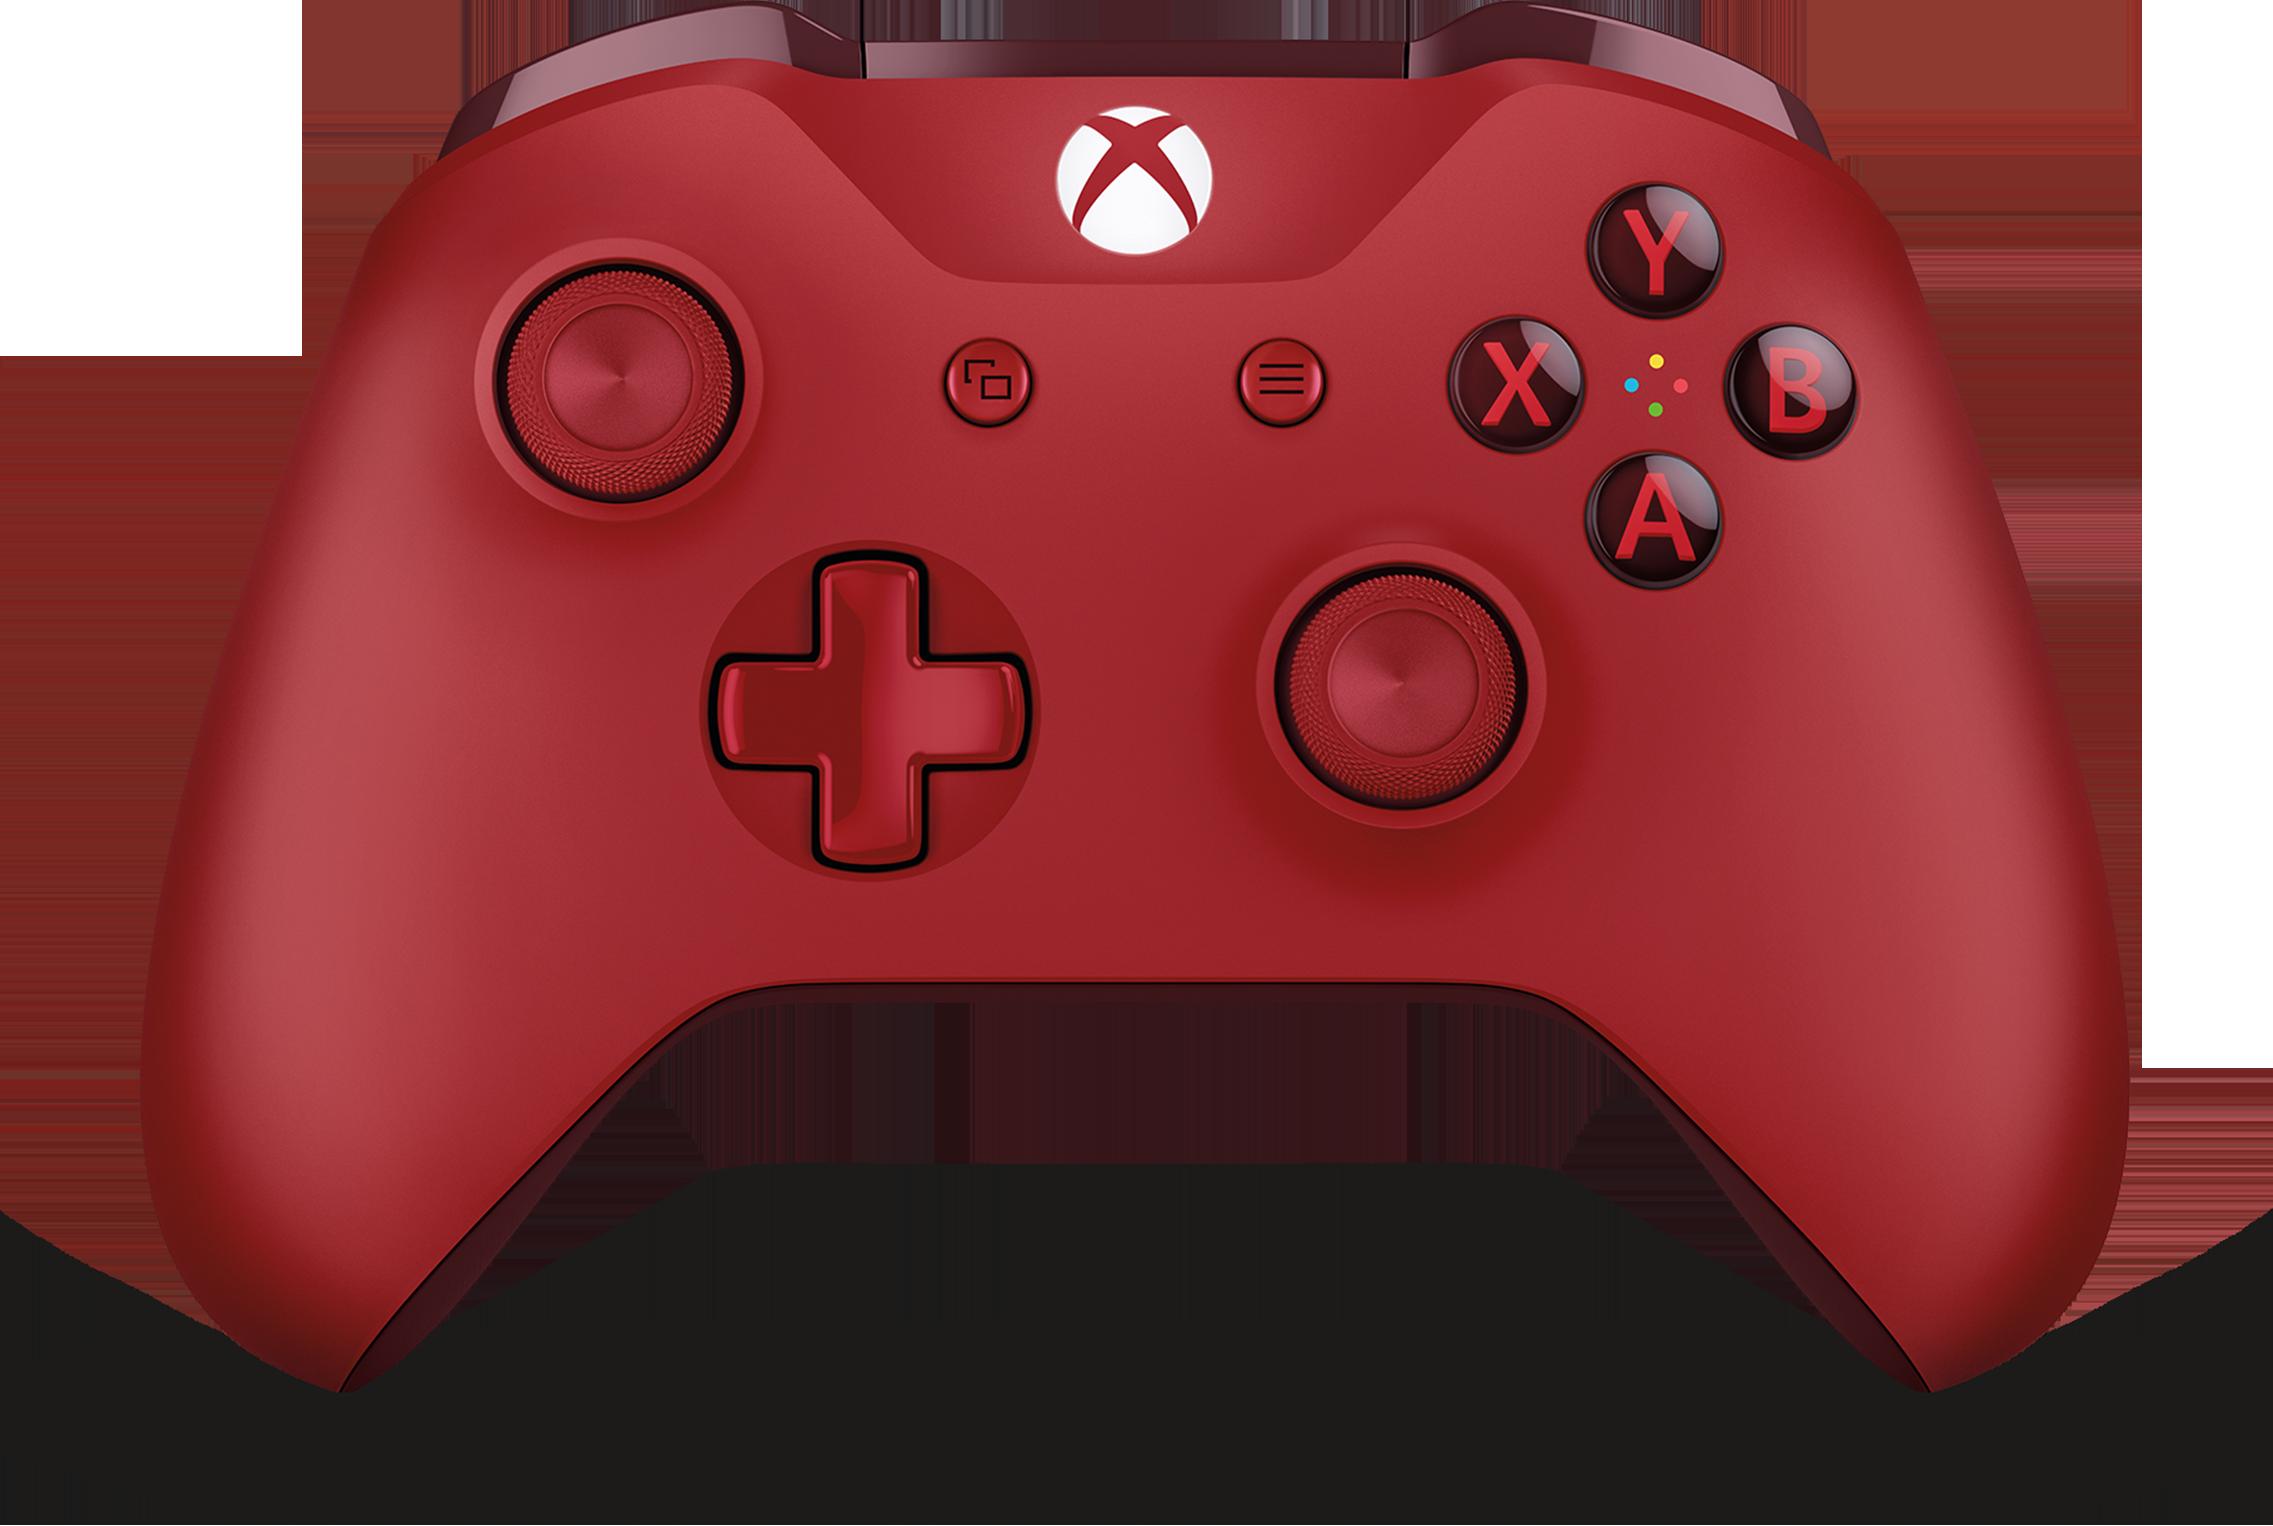 Xbox trådlös handkontroll – röd